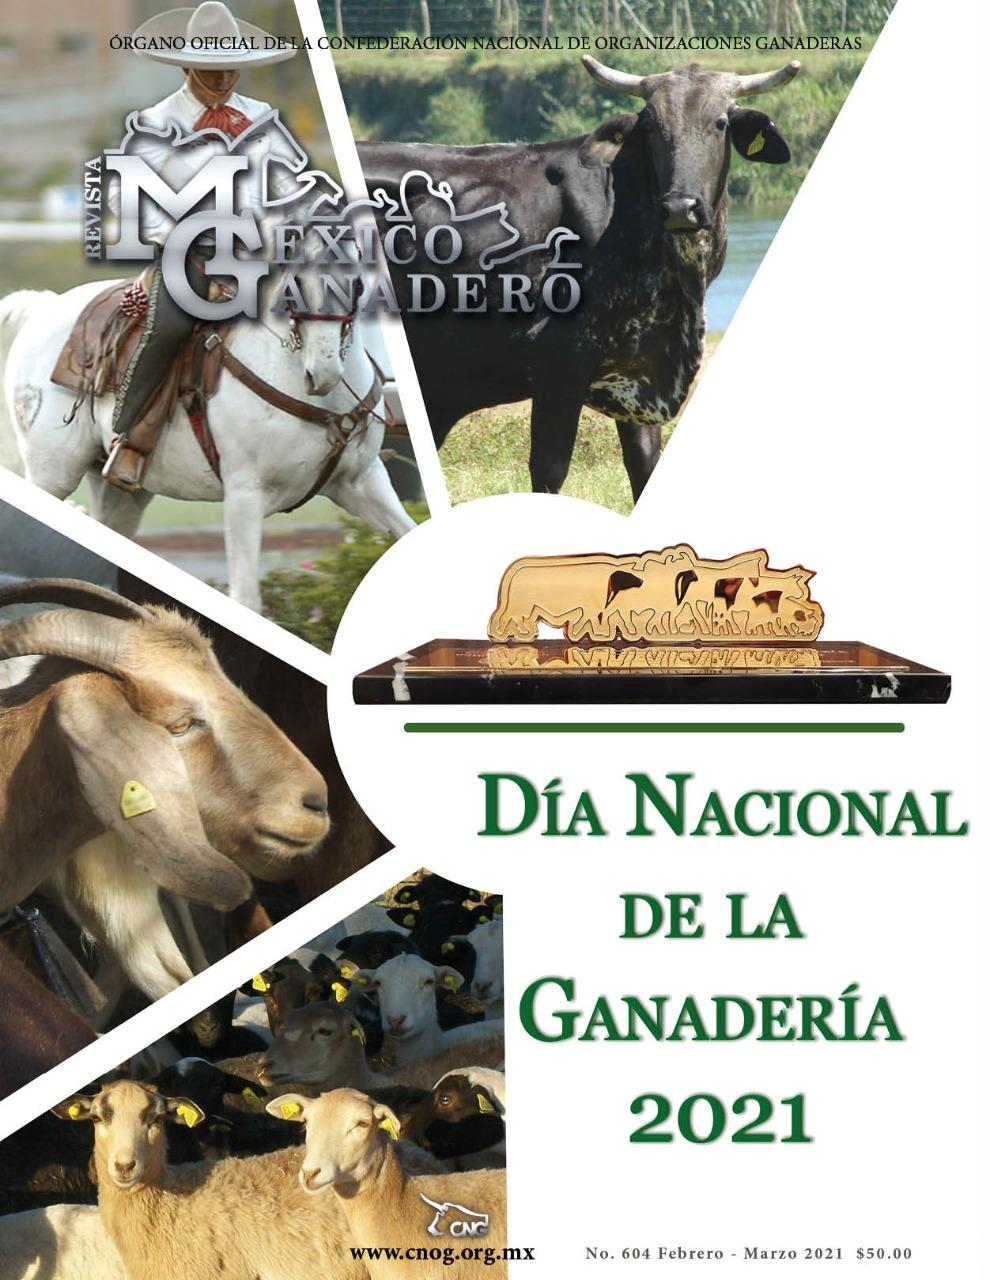 Portada de la revista México Ganadero. Edición 604 correspondiente a febrero-marzo de 2021